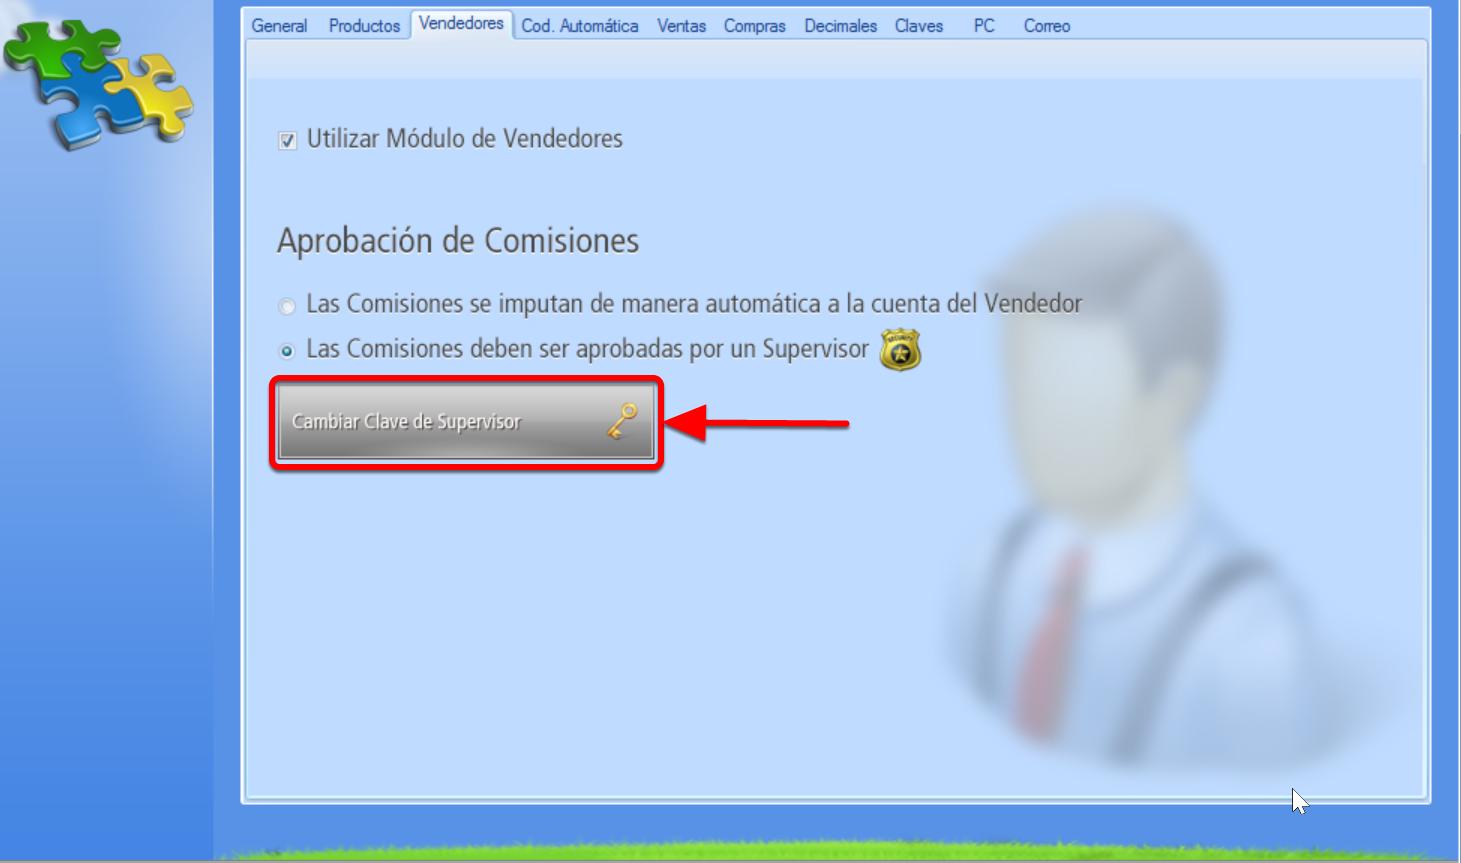 Botón para modificar Contraseña de Supervisor de Ventas habilitado